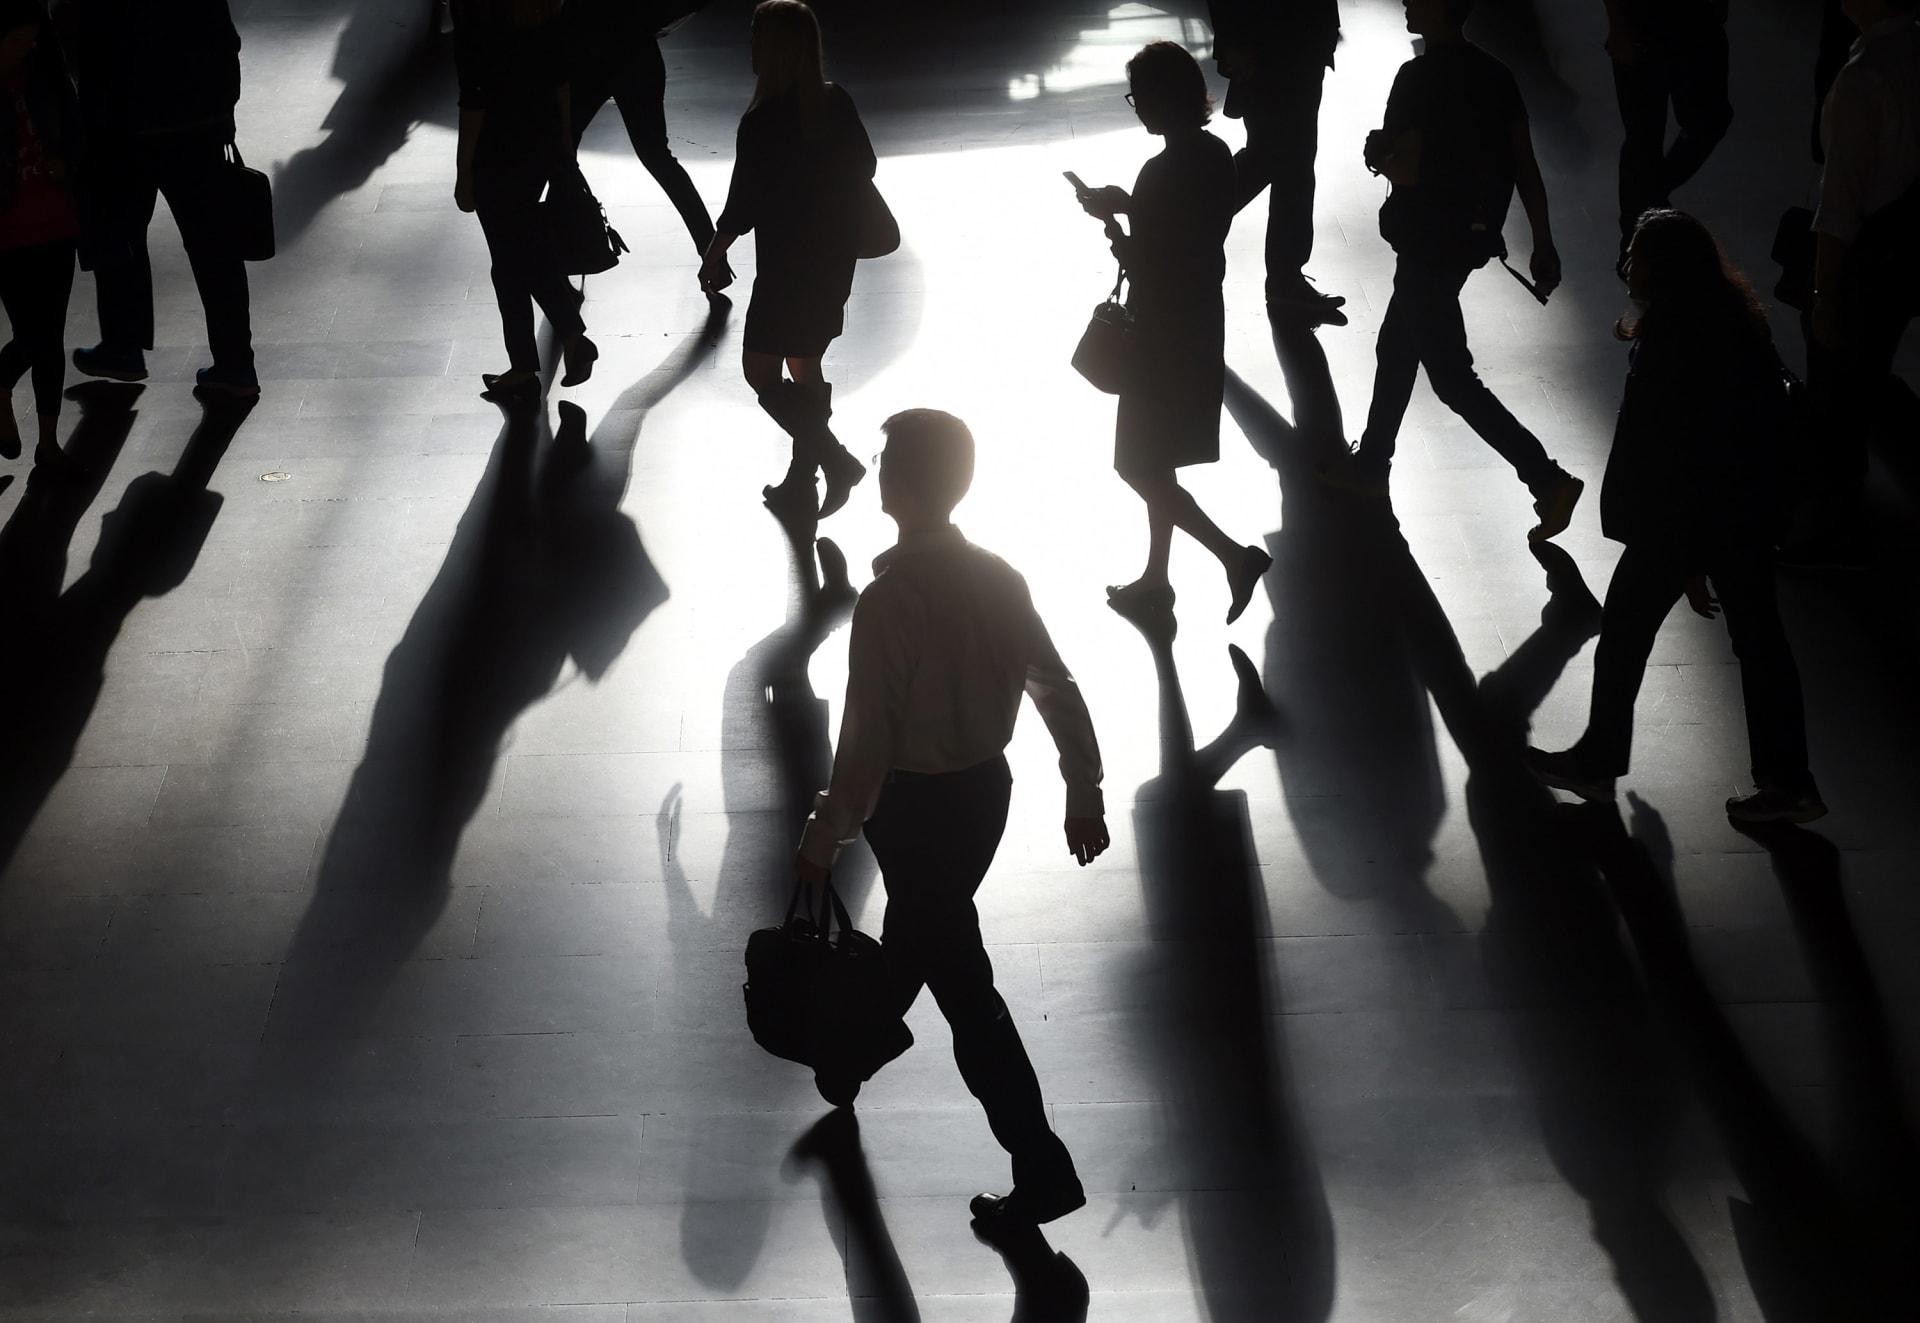 منظمة الصحة العالمية: ساعات العمل الطويلة تقتل مئات الآلاف من الأشخاص سنوياً